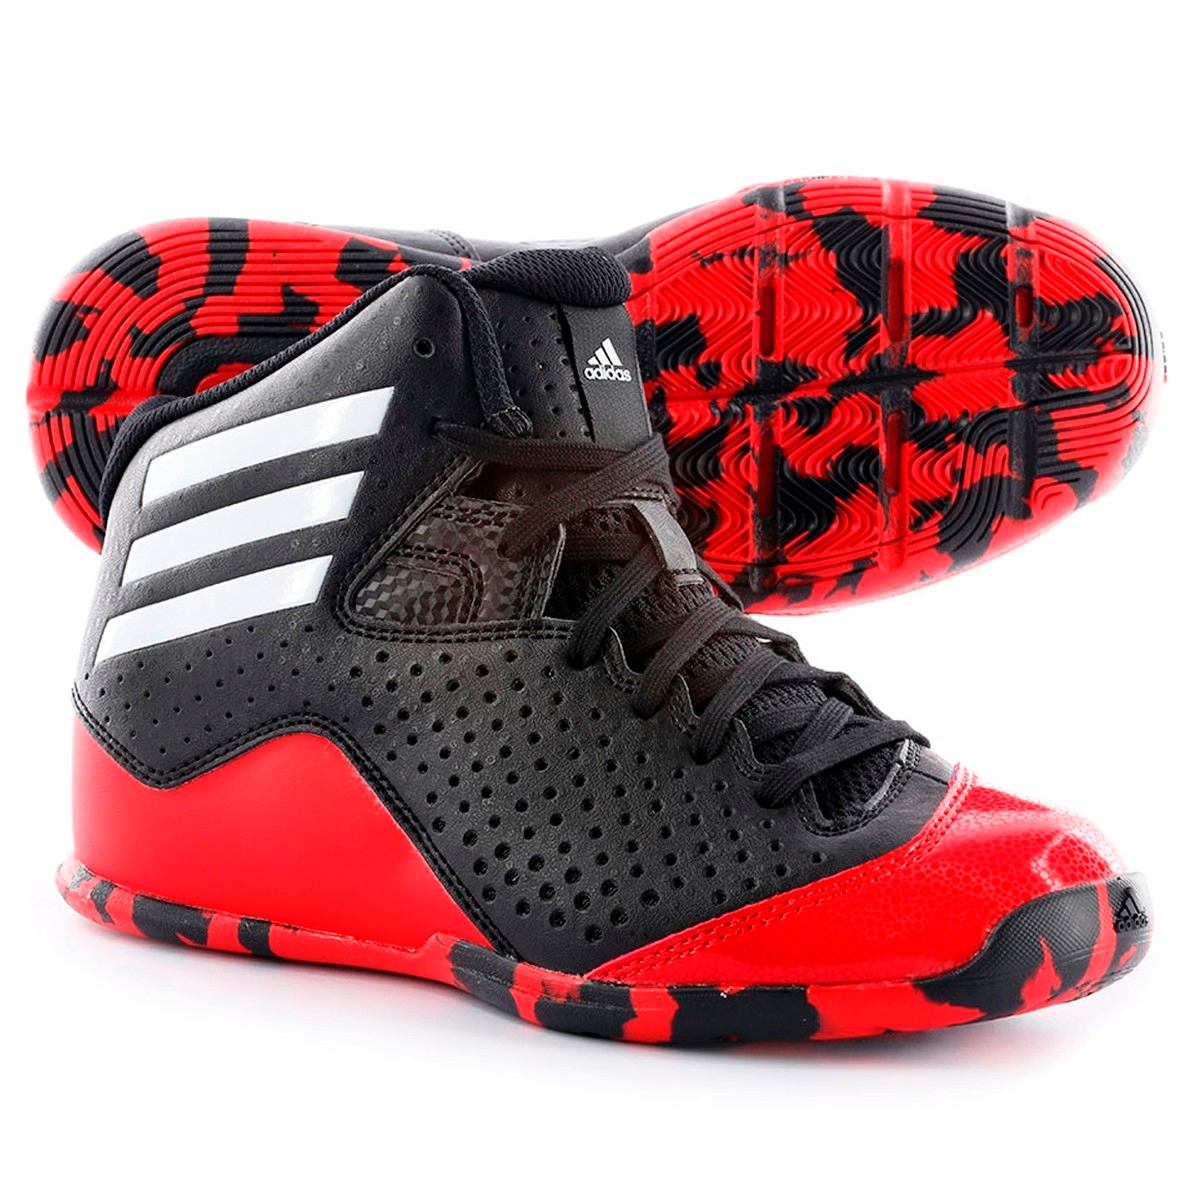 f37f0999693 bota champión adidas basketball calzado básquetbol niño. Cargando zoom.